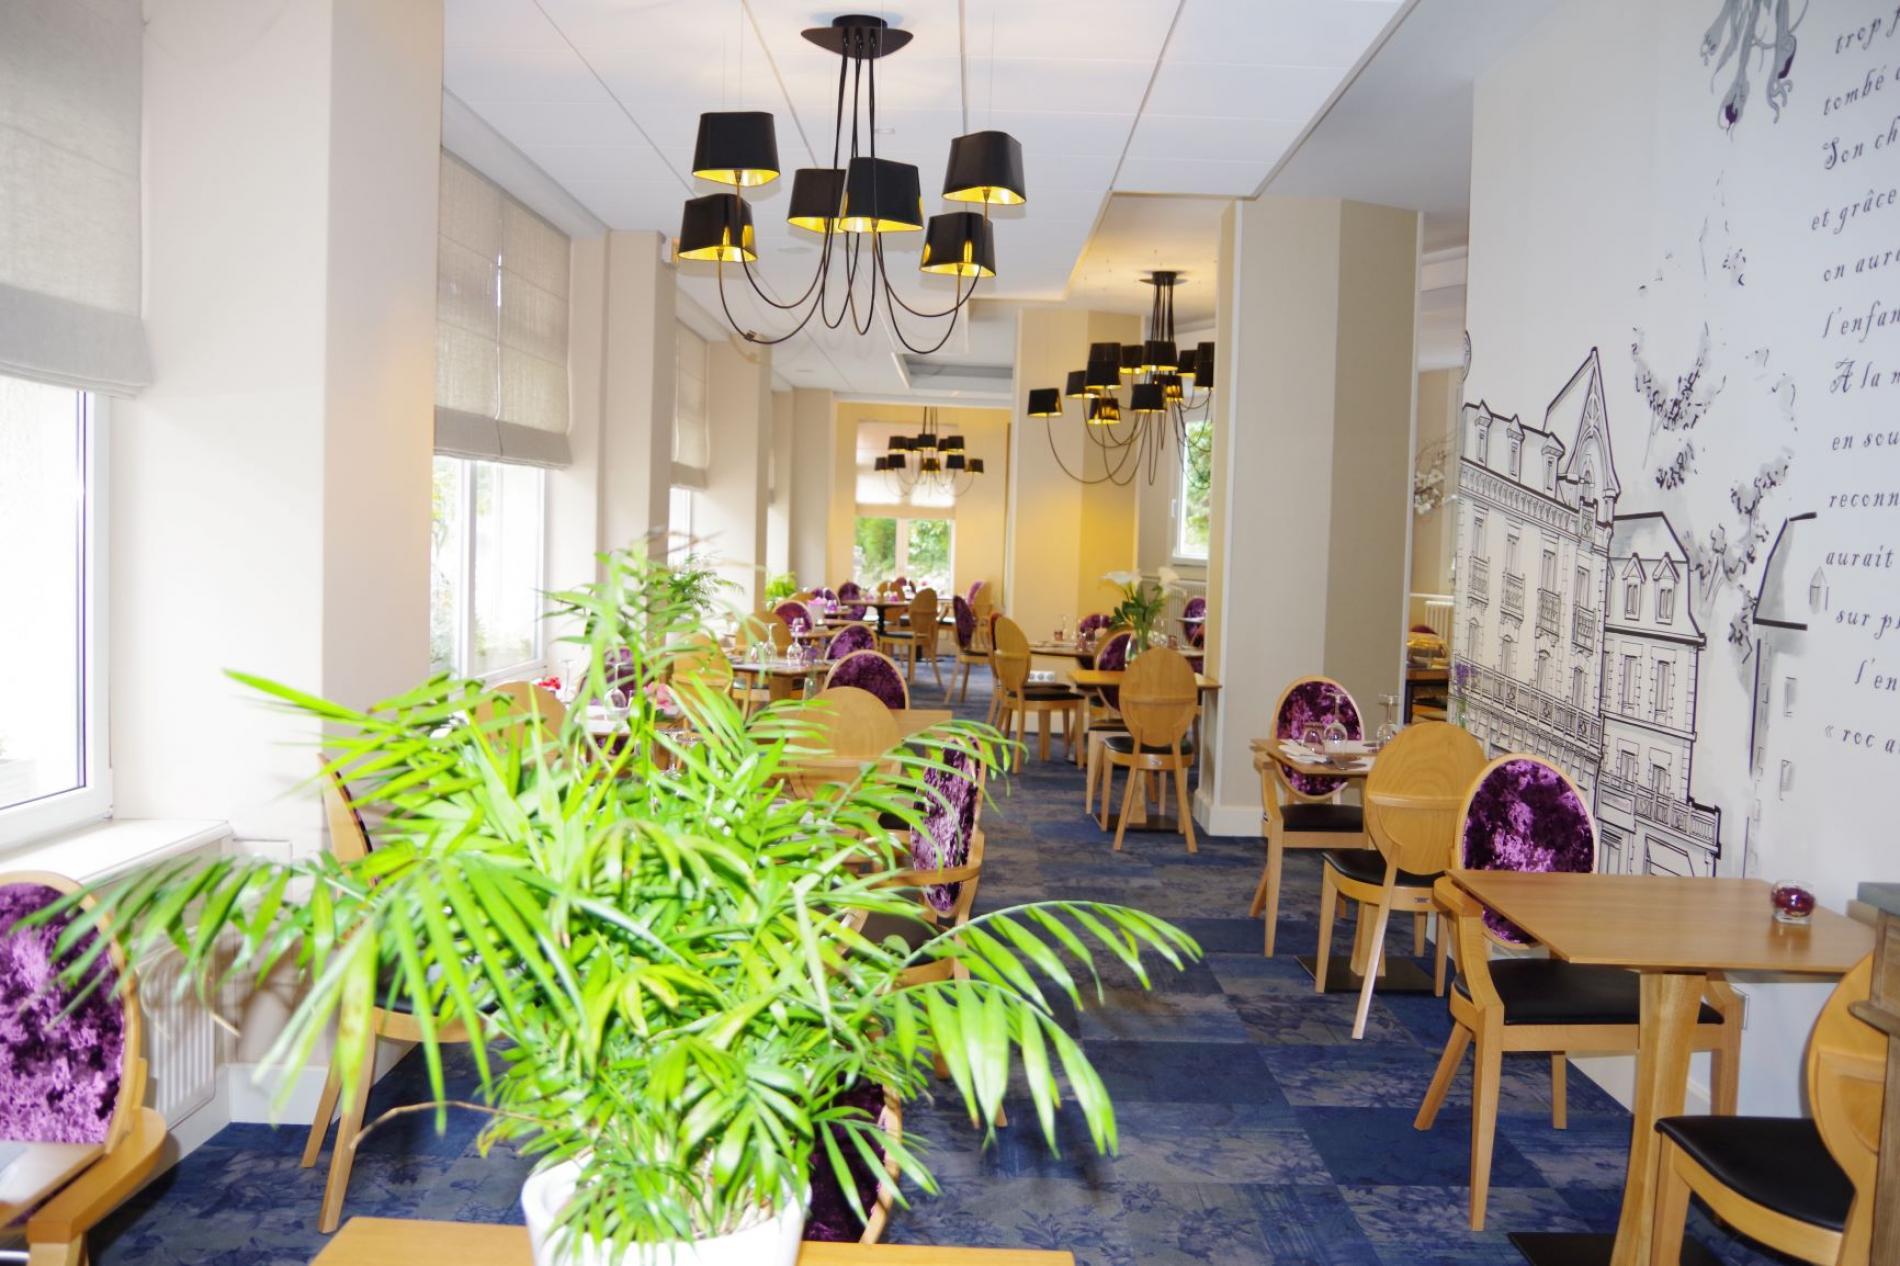 Restaurant La Belle Epoque cuisine Traditionnelle gastronomique Bagnoles-de-l'Orne Normandie